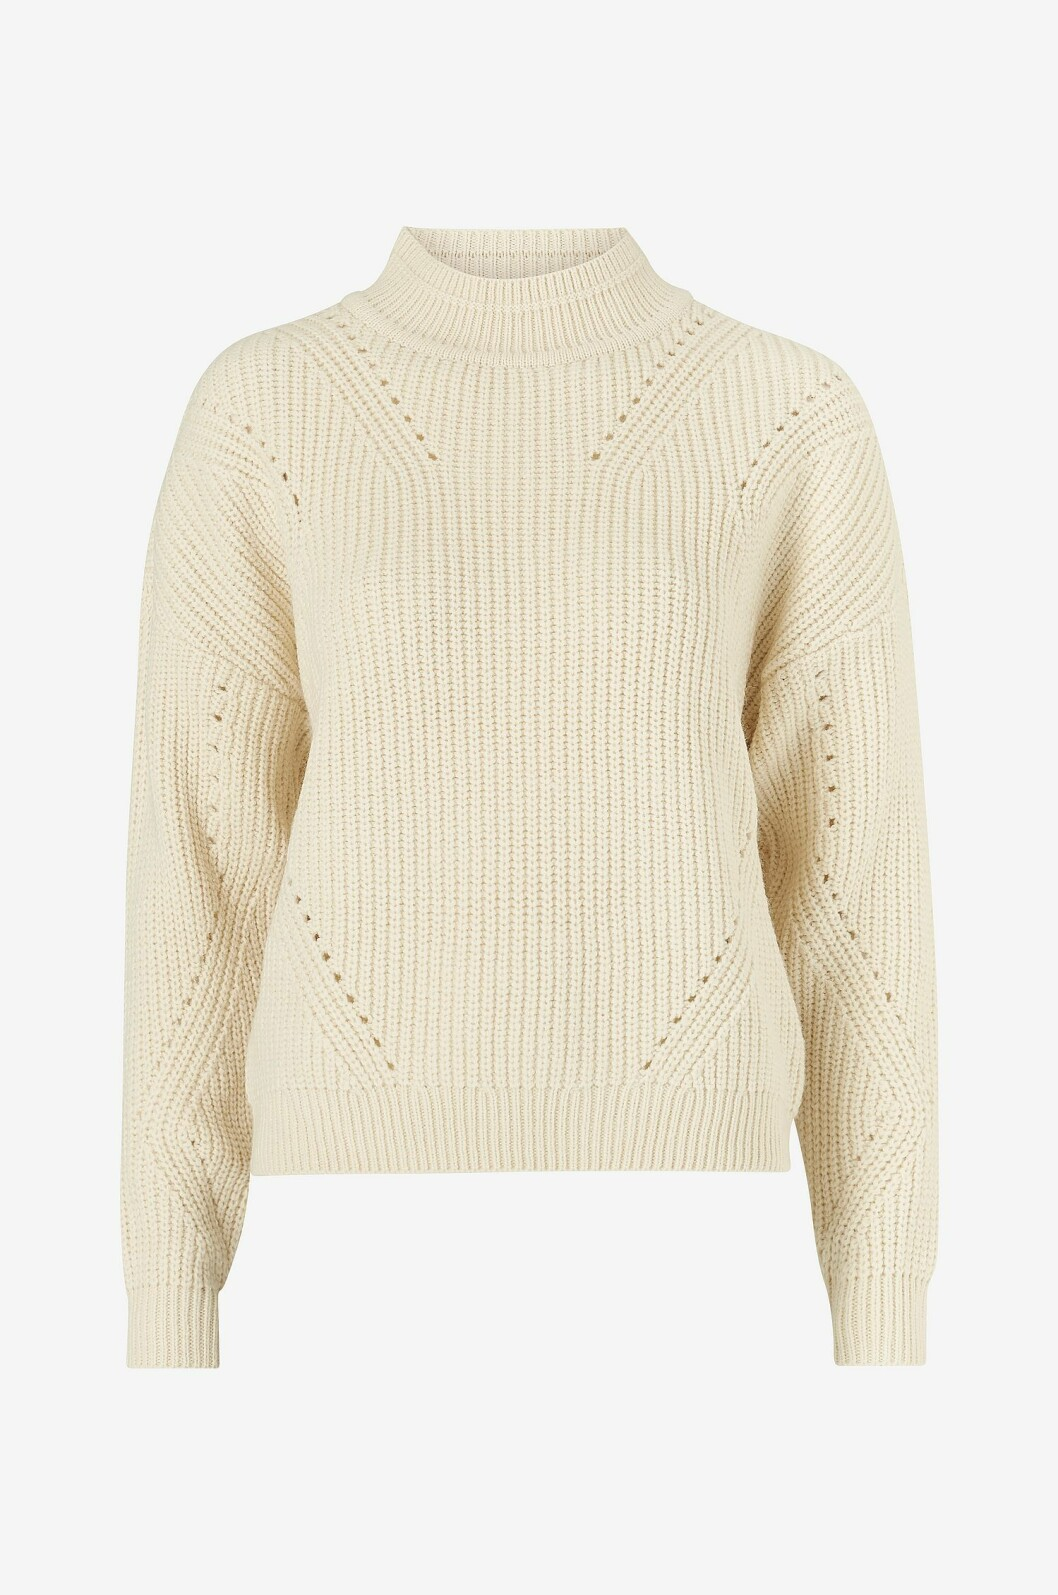 Vit mönsterstickad tröja för dam till hösten 2019